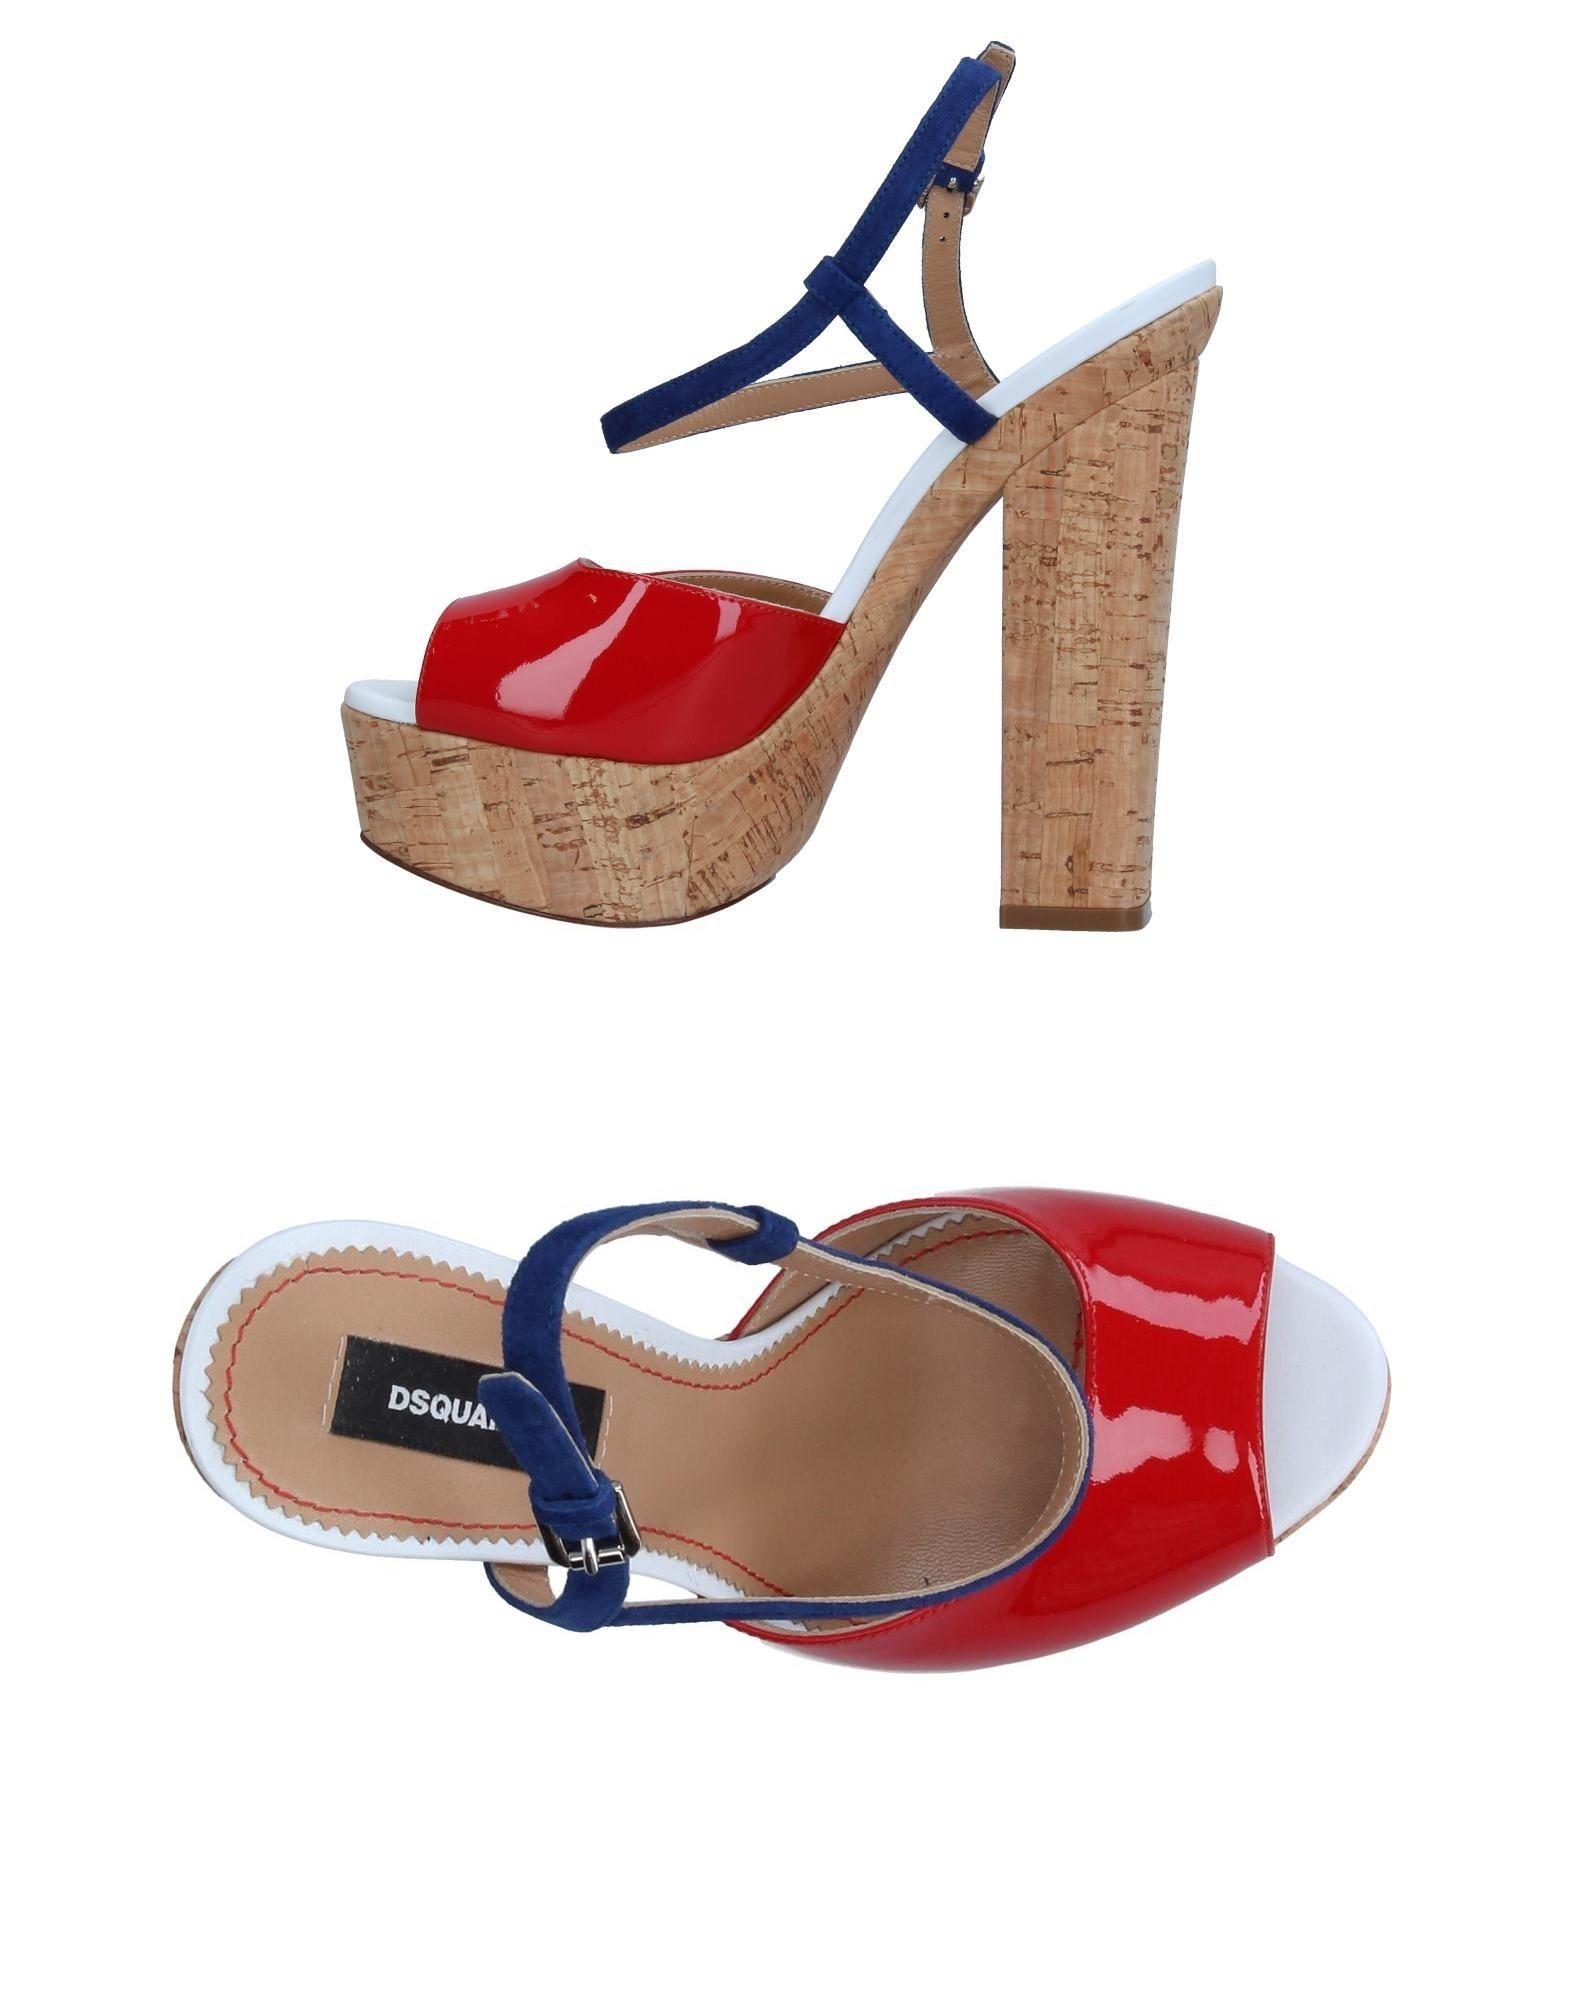 Dsquared2 Sandalen Damen  11363192UJGut aussehende strapazierfähige Schuhe